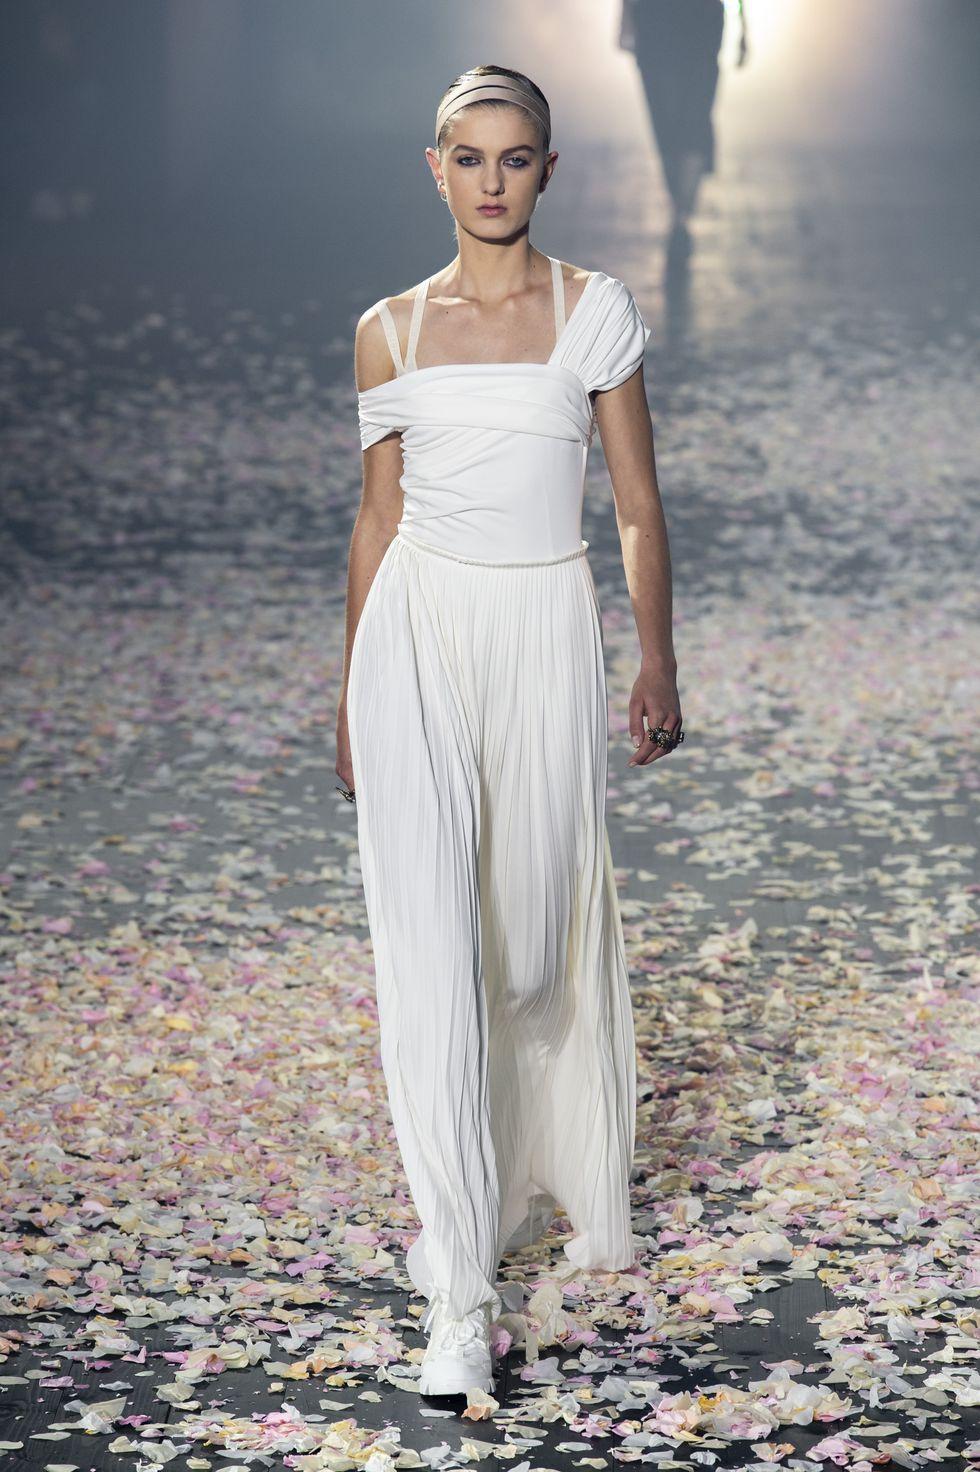 Tuần lễ thời trang Paris 2019 Dior 02